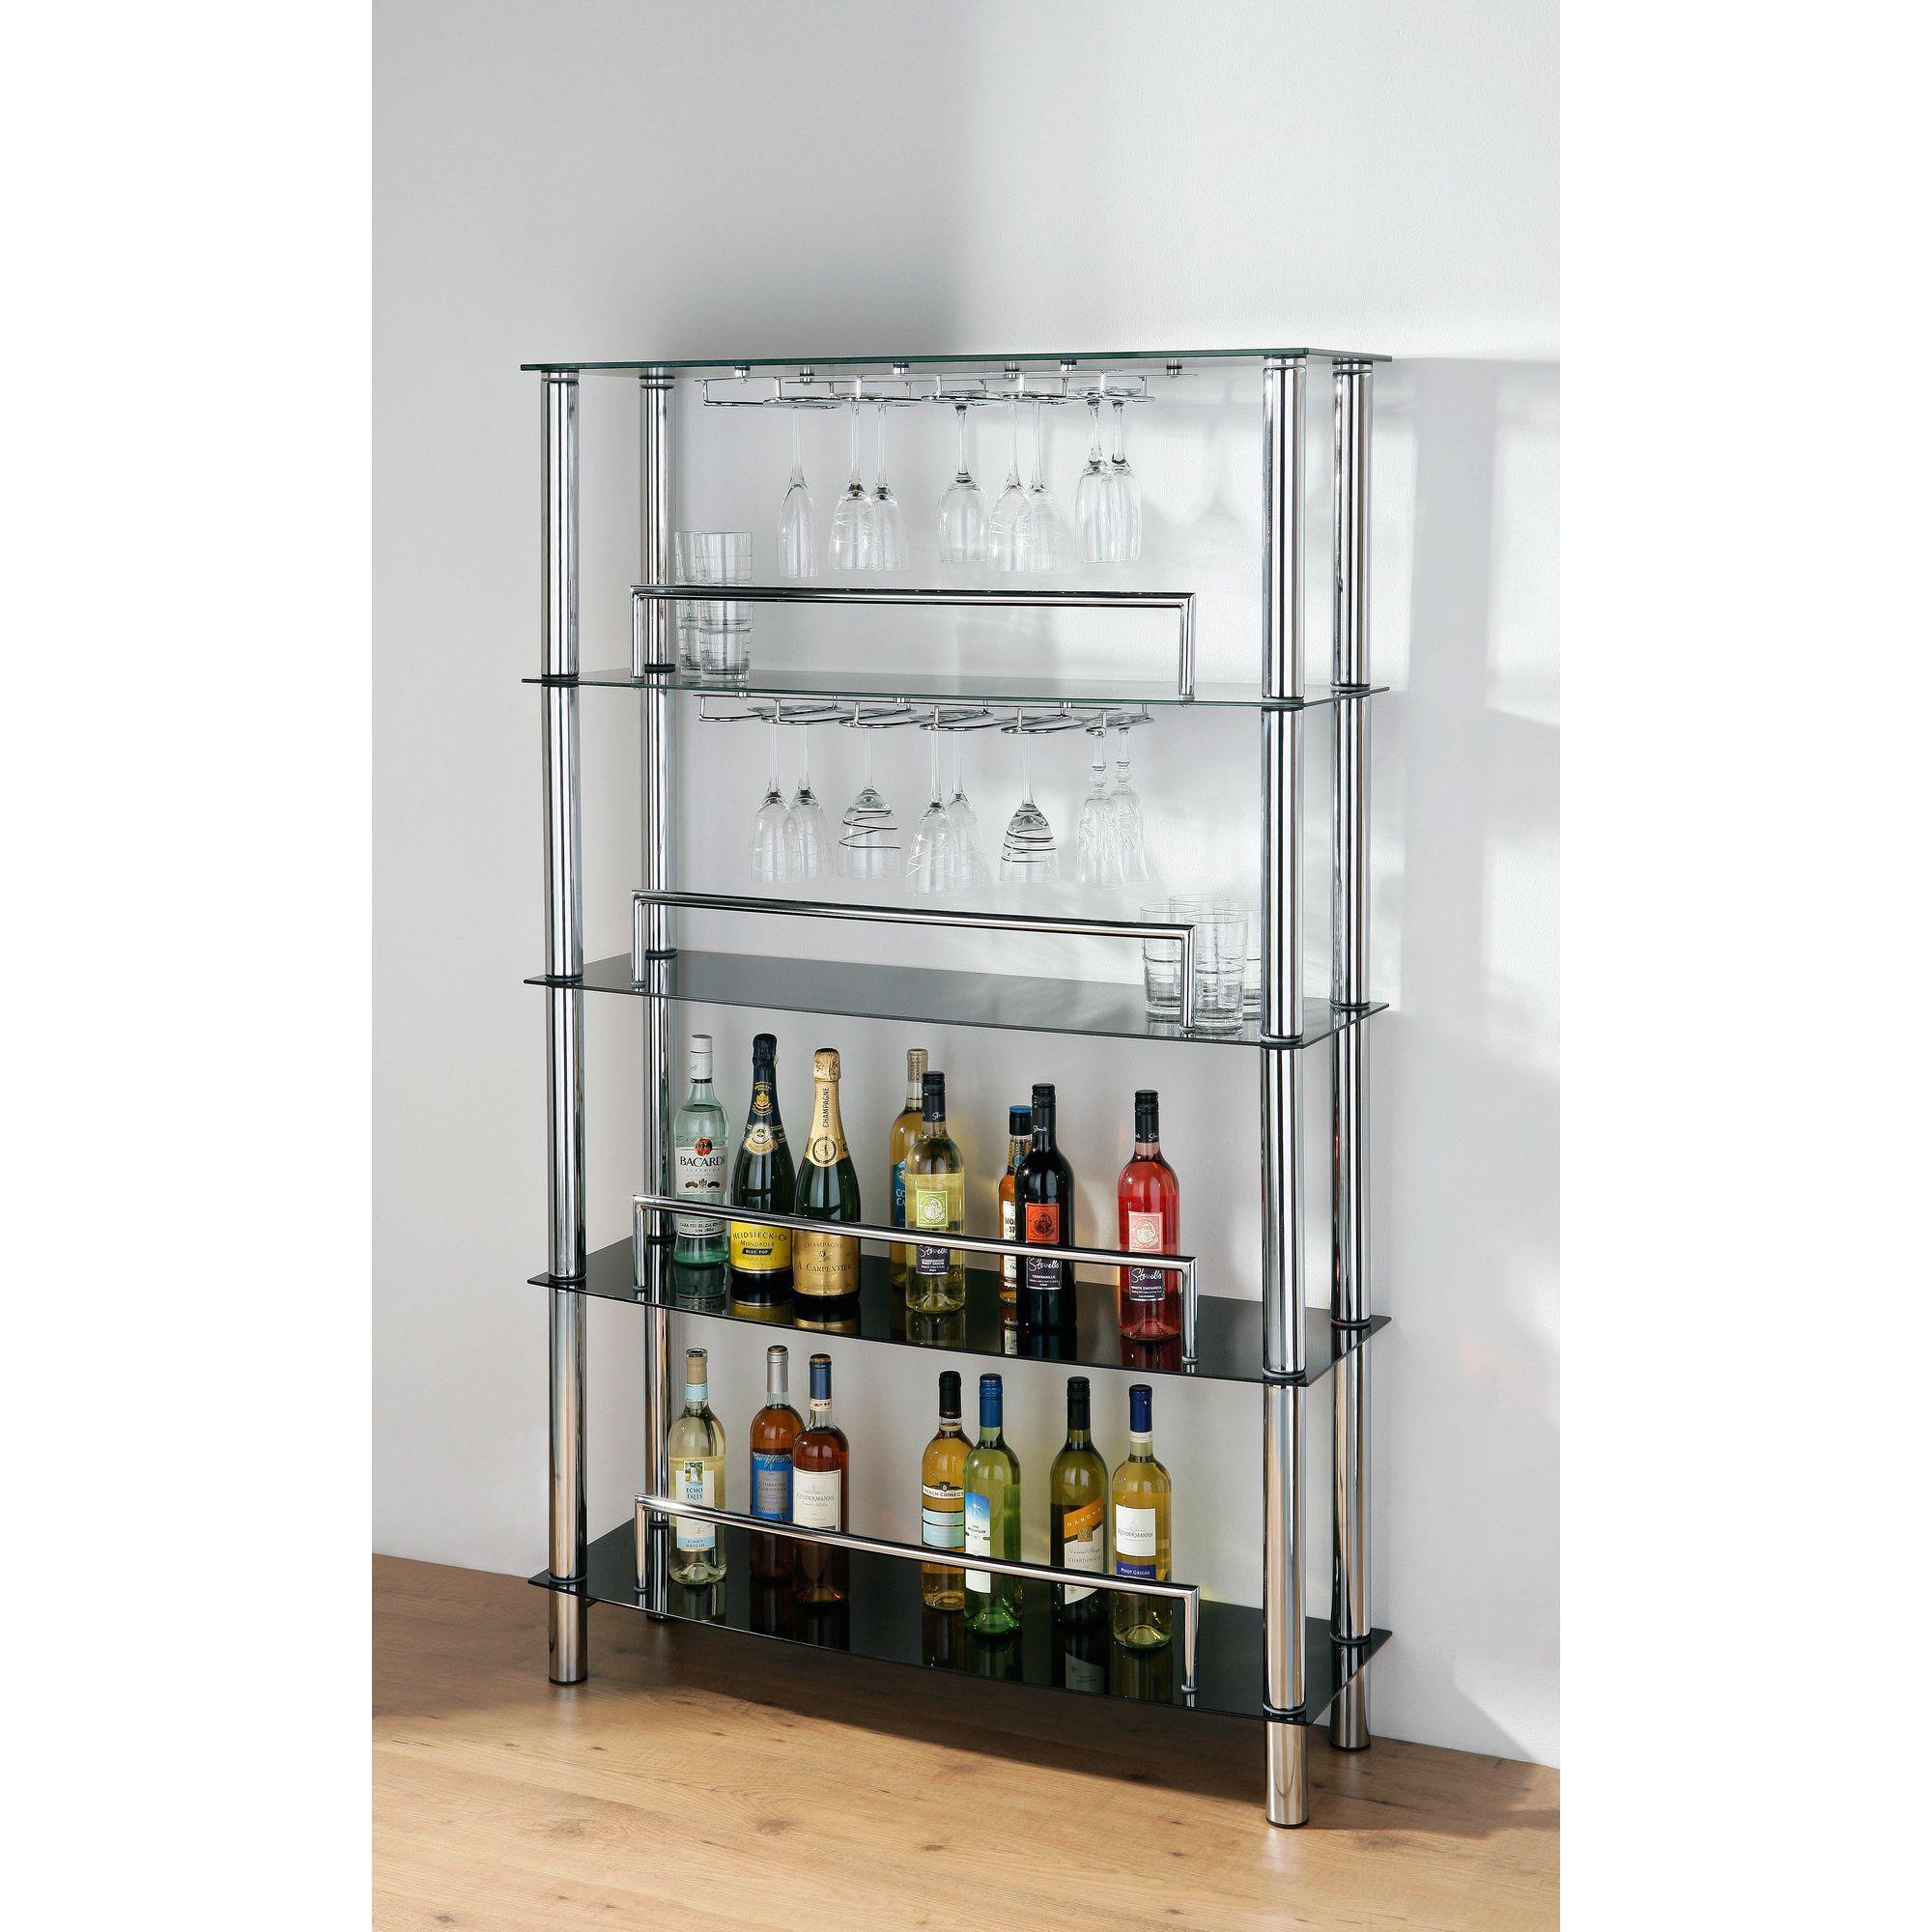 Premier Housewares Five Tier Wine Shelf Unit - 110cm at Tesco Direct